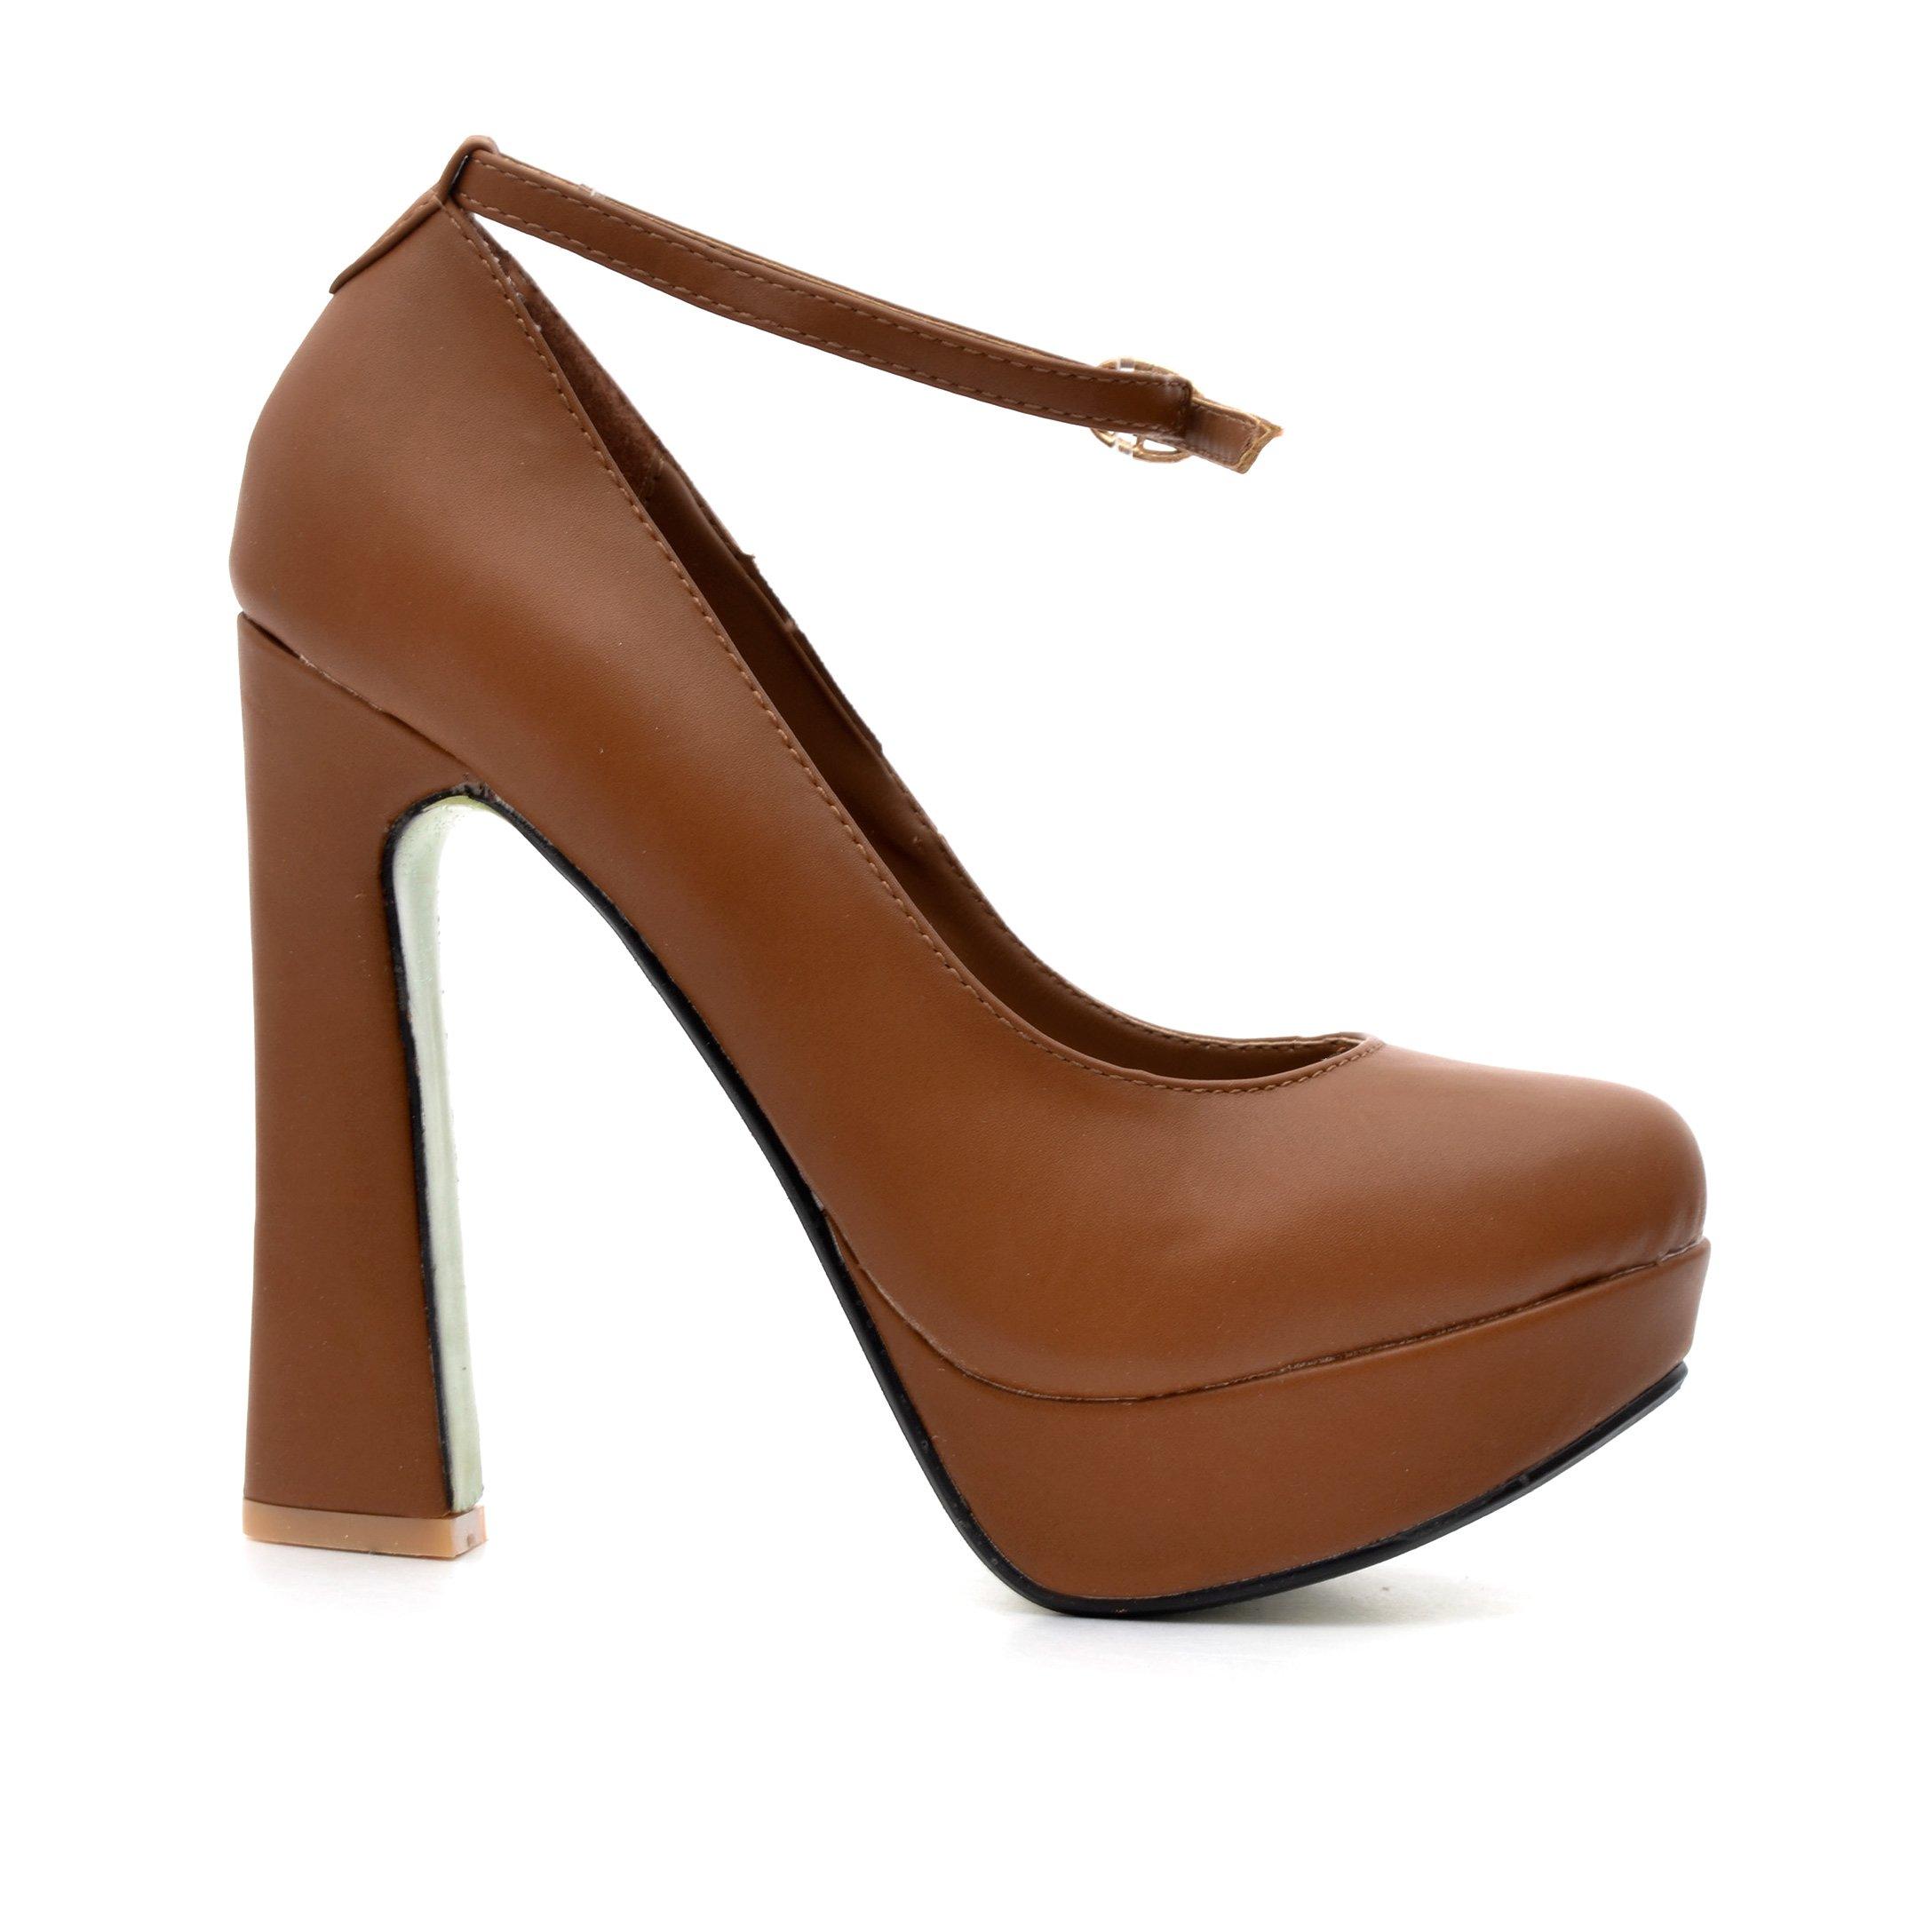 Pantofi Dama Kitana Camel